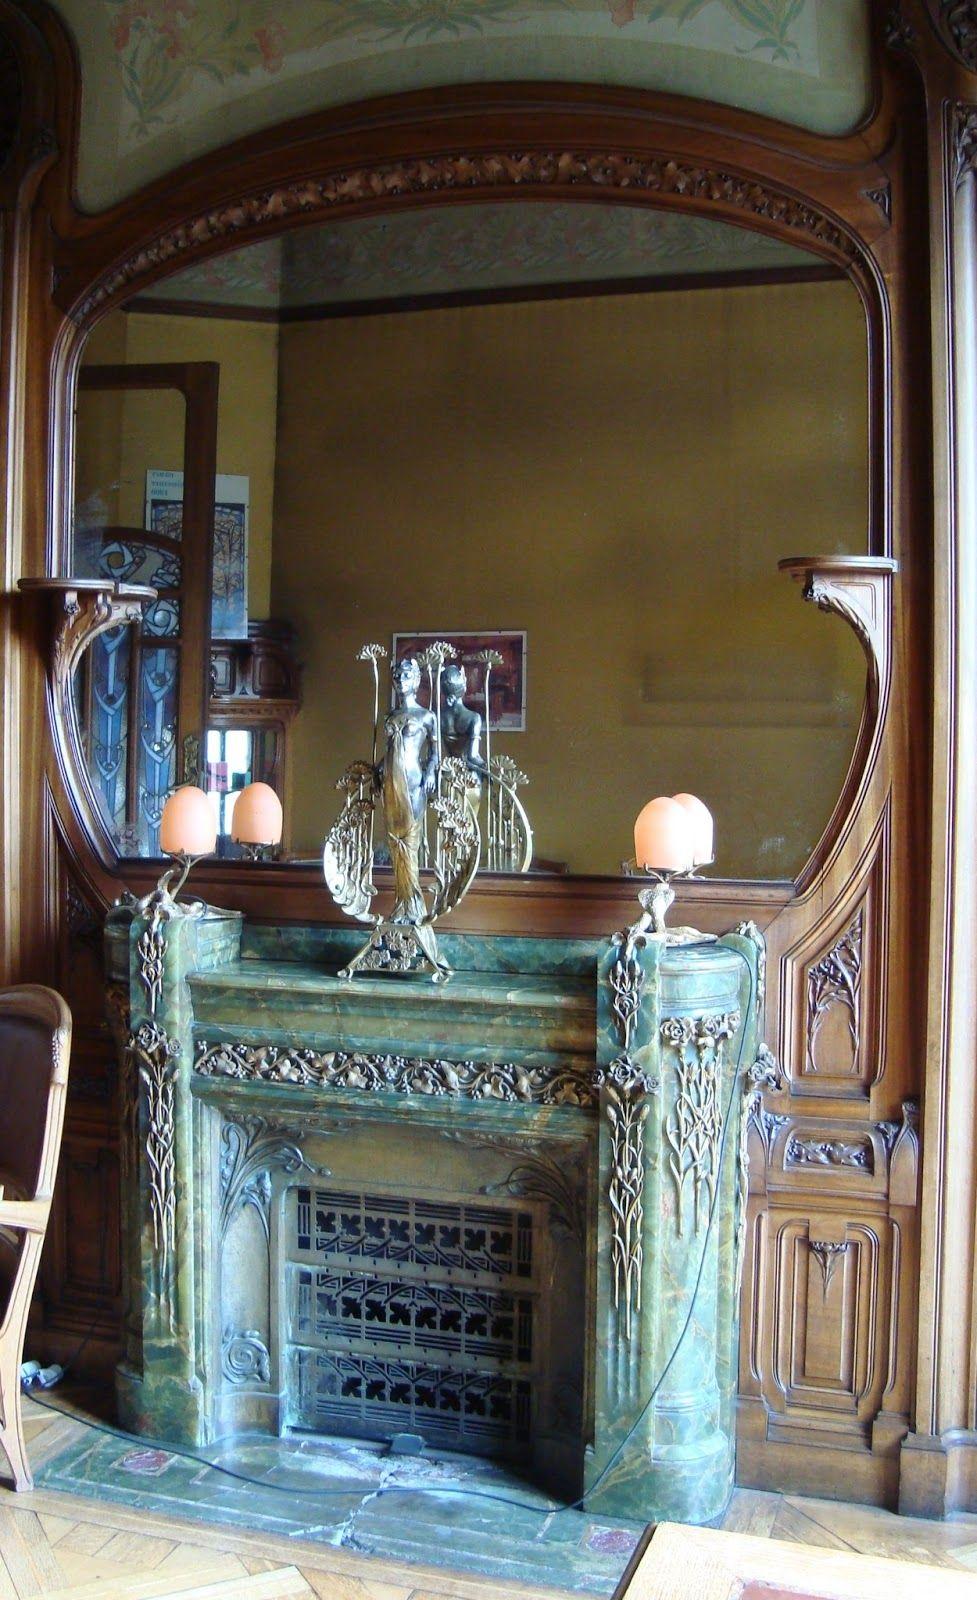 Stunning Art Nouveau Fireplace Hotel Particulier Bouctot Vagniez Au 36 Rue Des Otages A Amiens Les Art Nouveau Meubles Art Nouveau